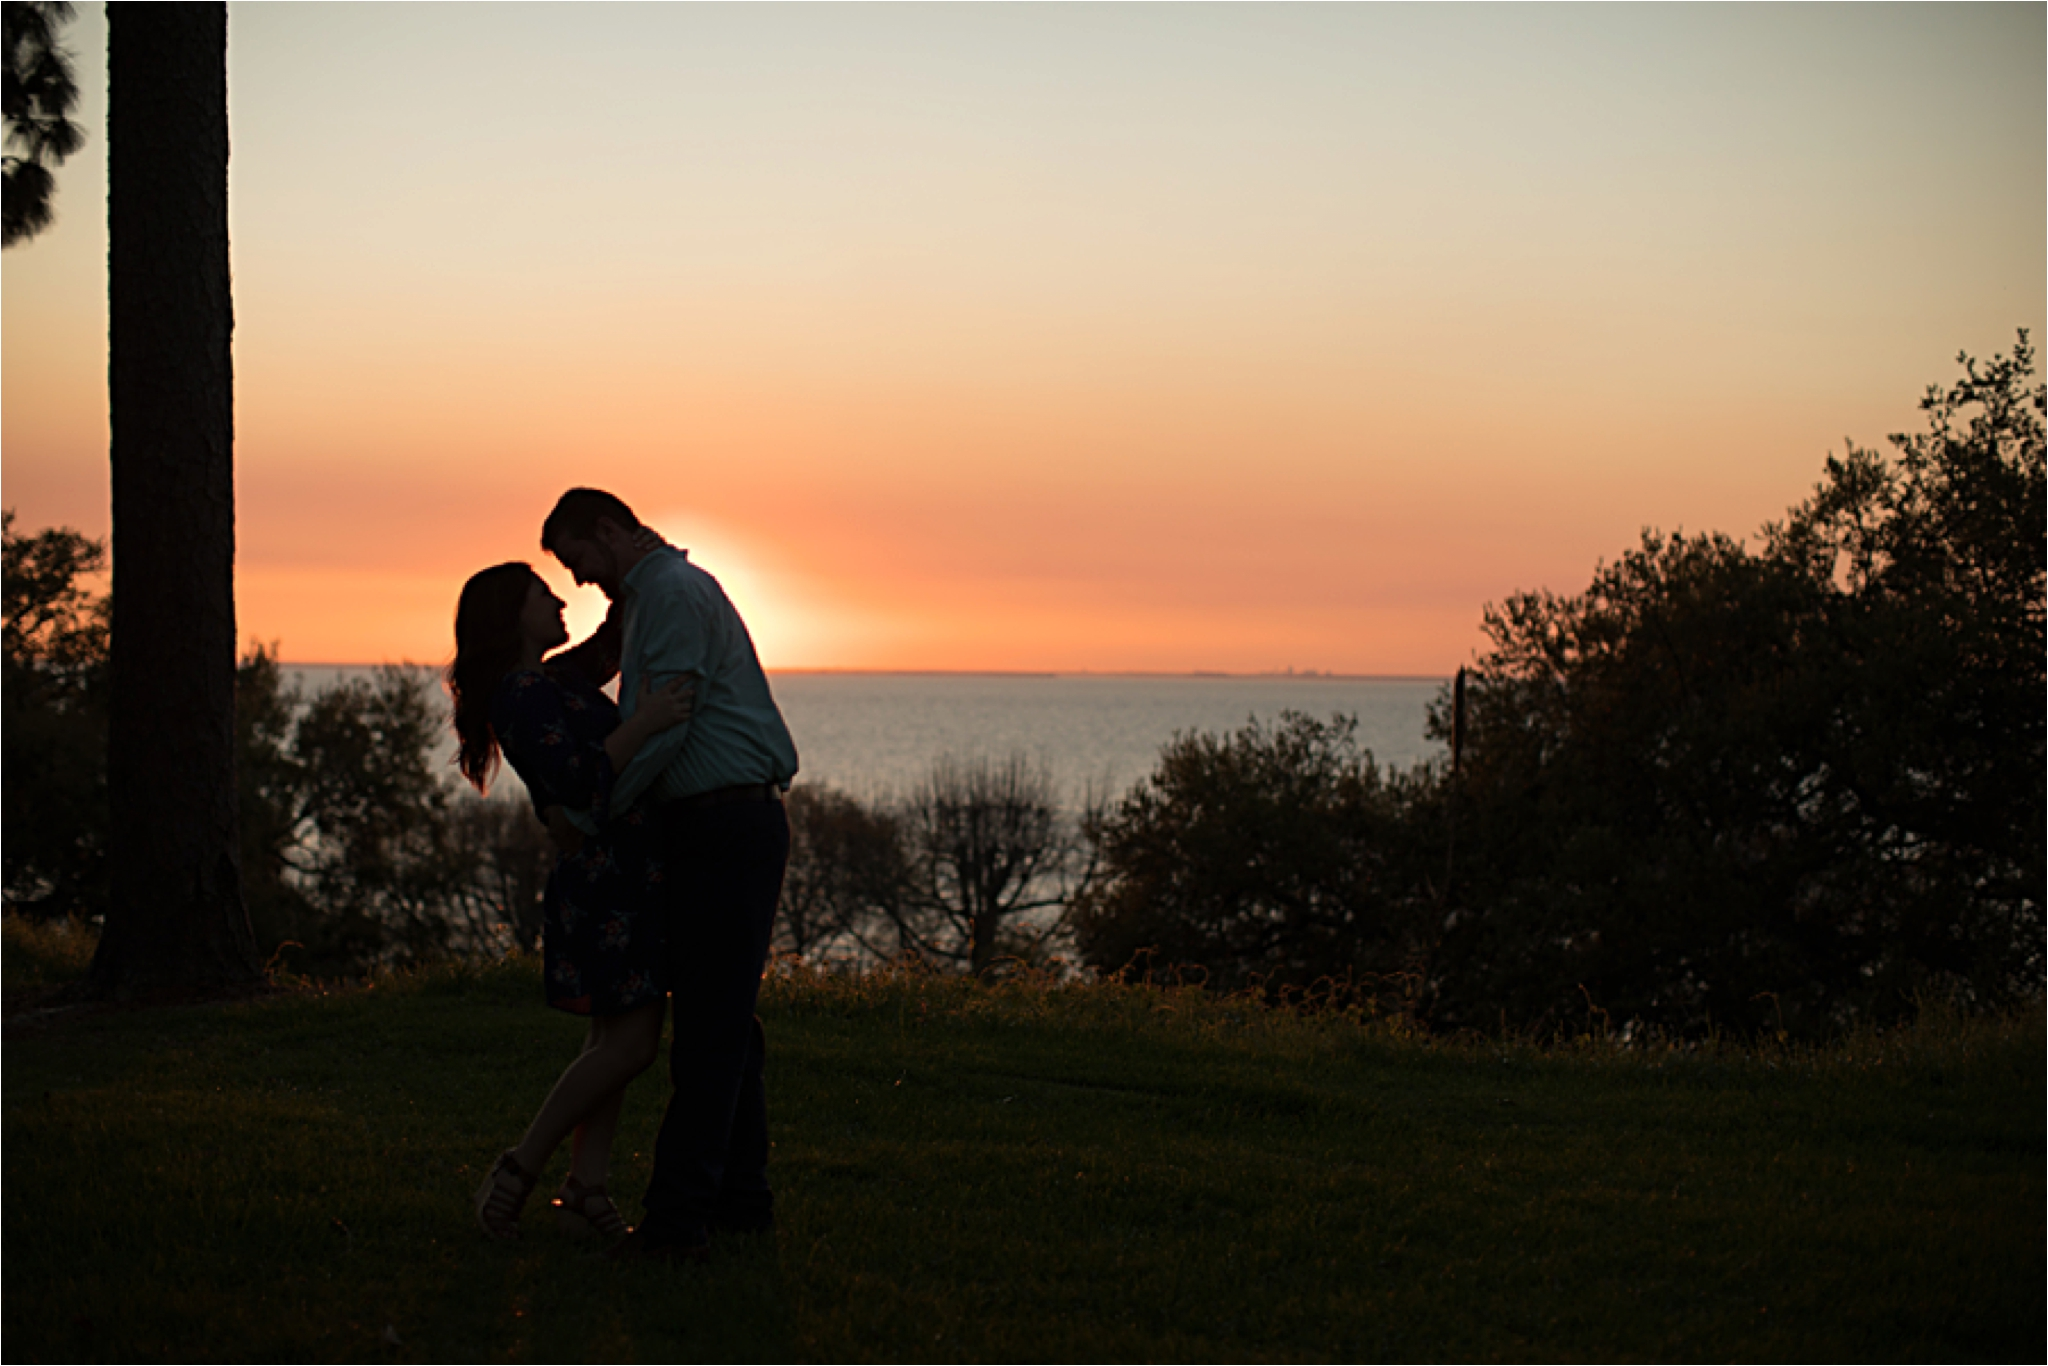 sunset-engagement-beach-photoshoot-alabama-photographer-wedding